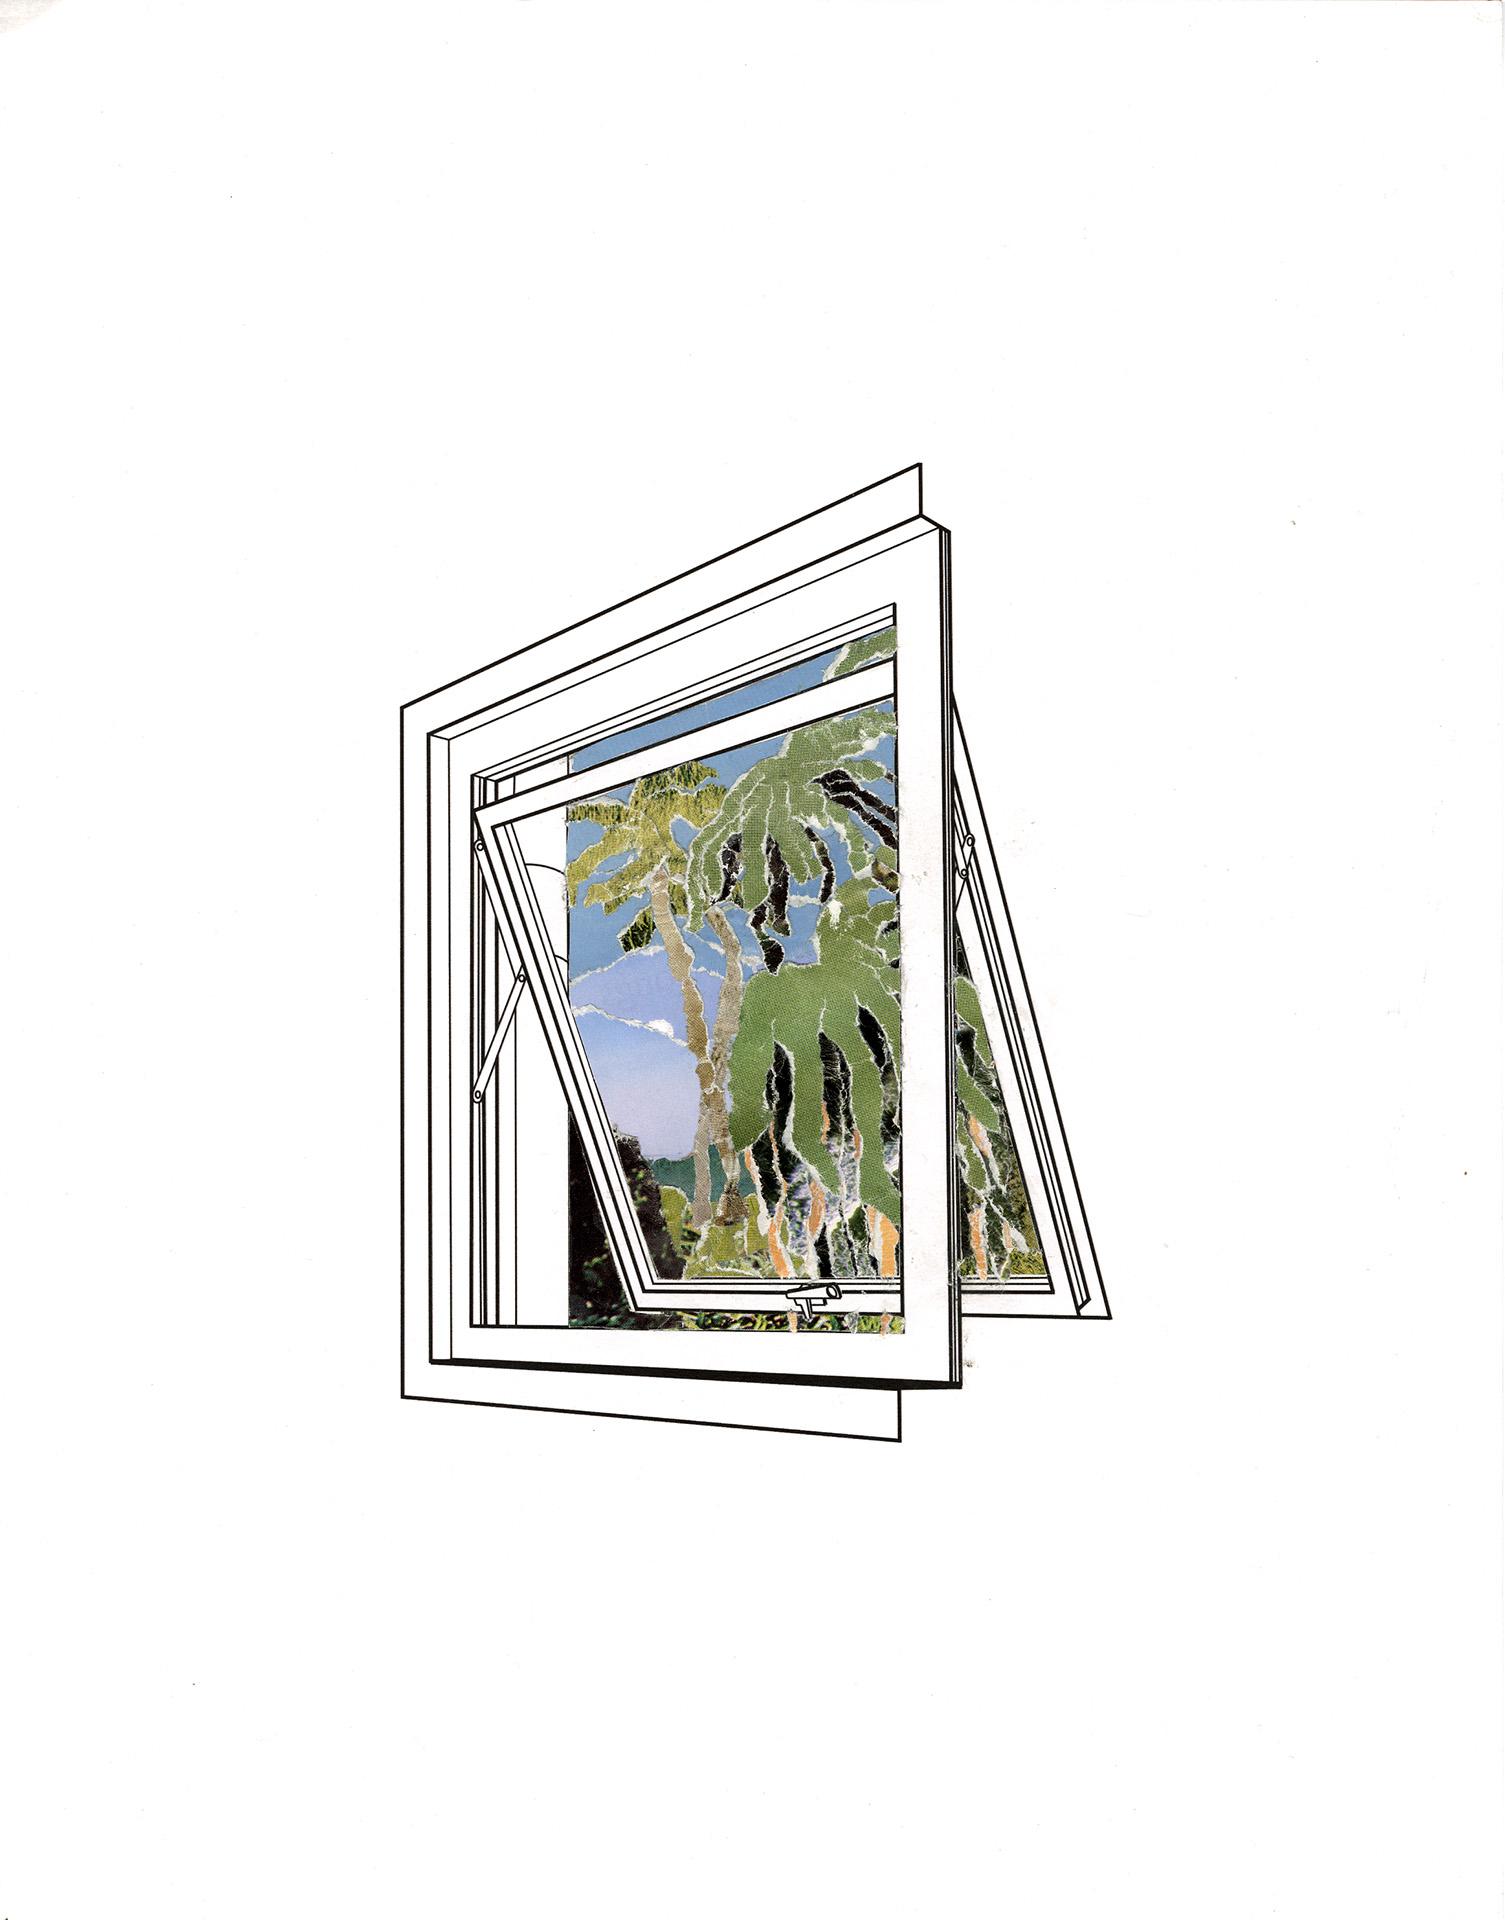 Window Drawing 2.04.18